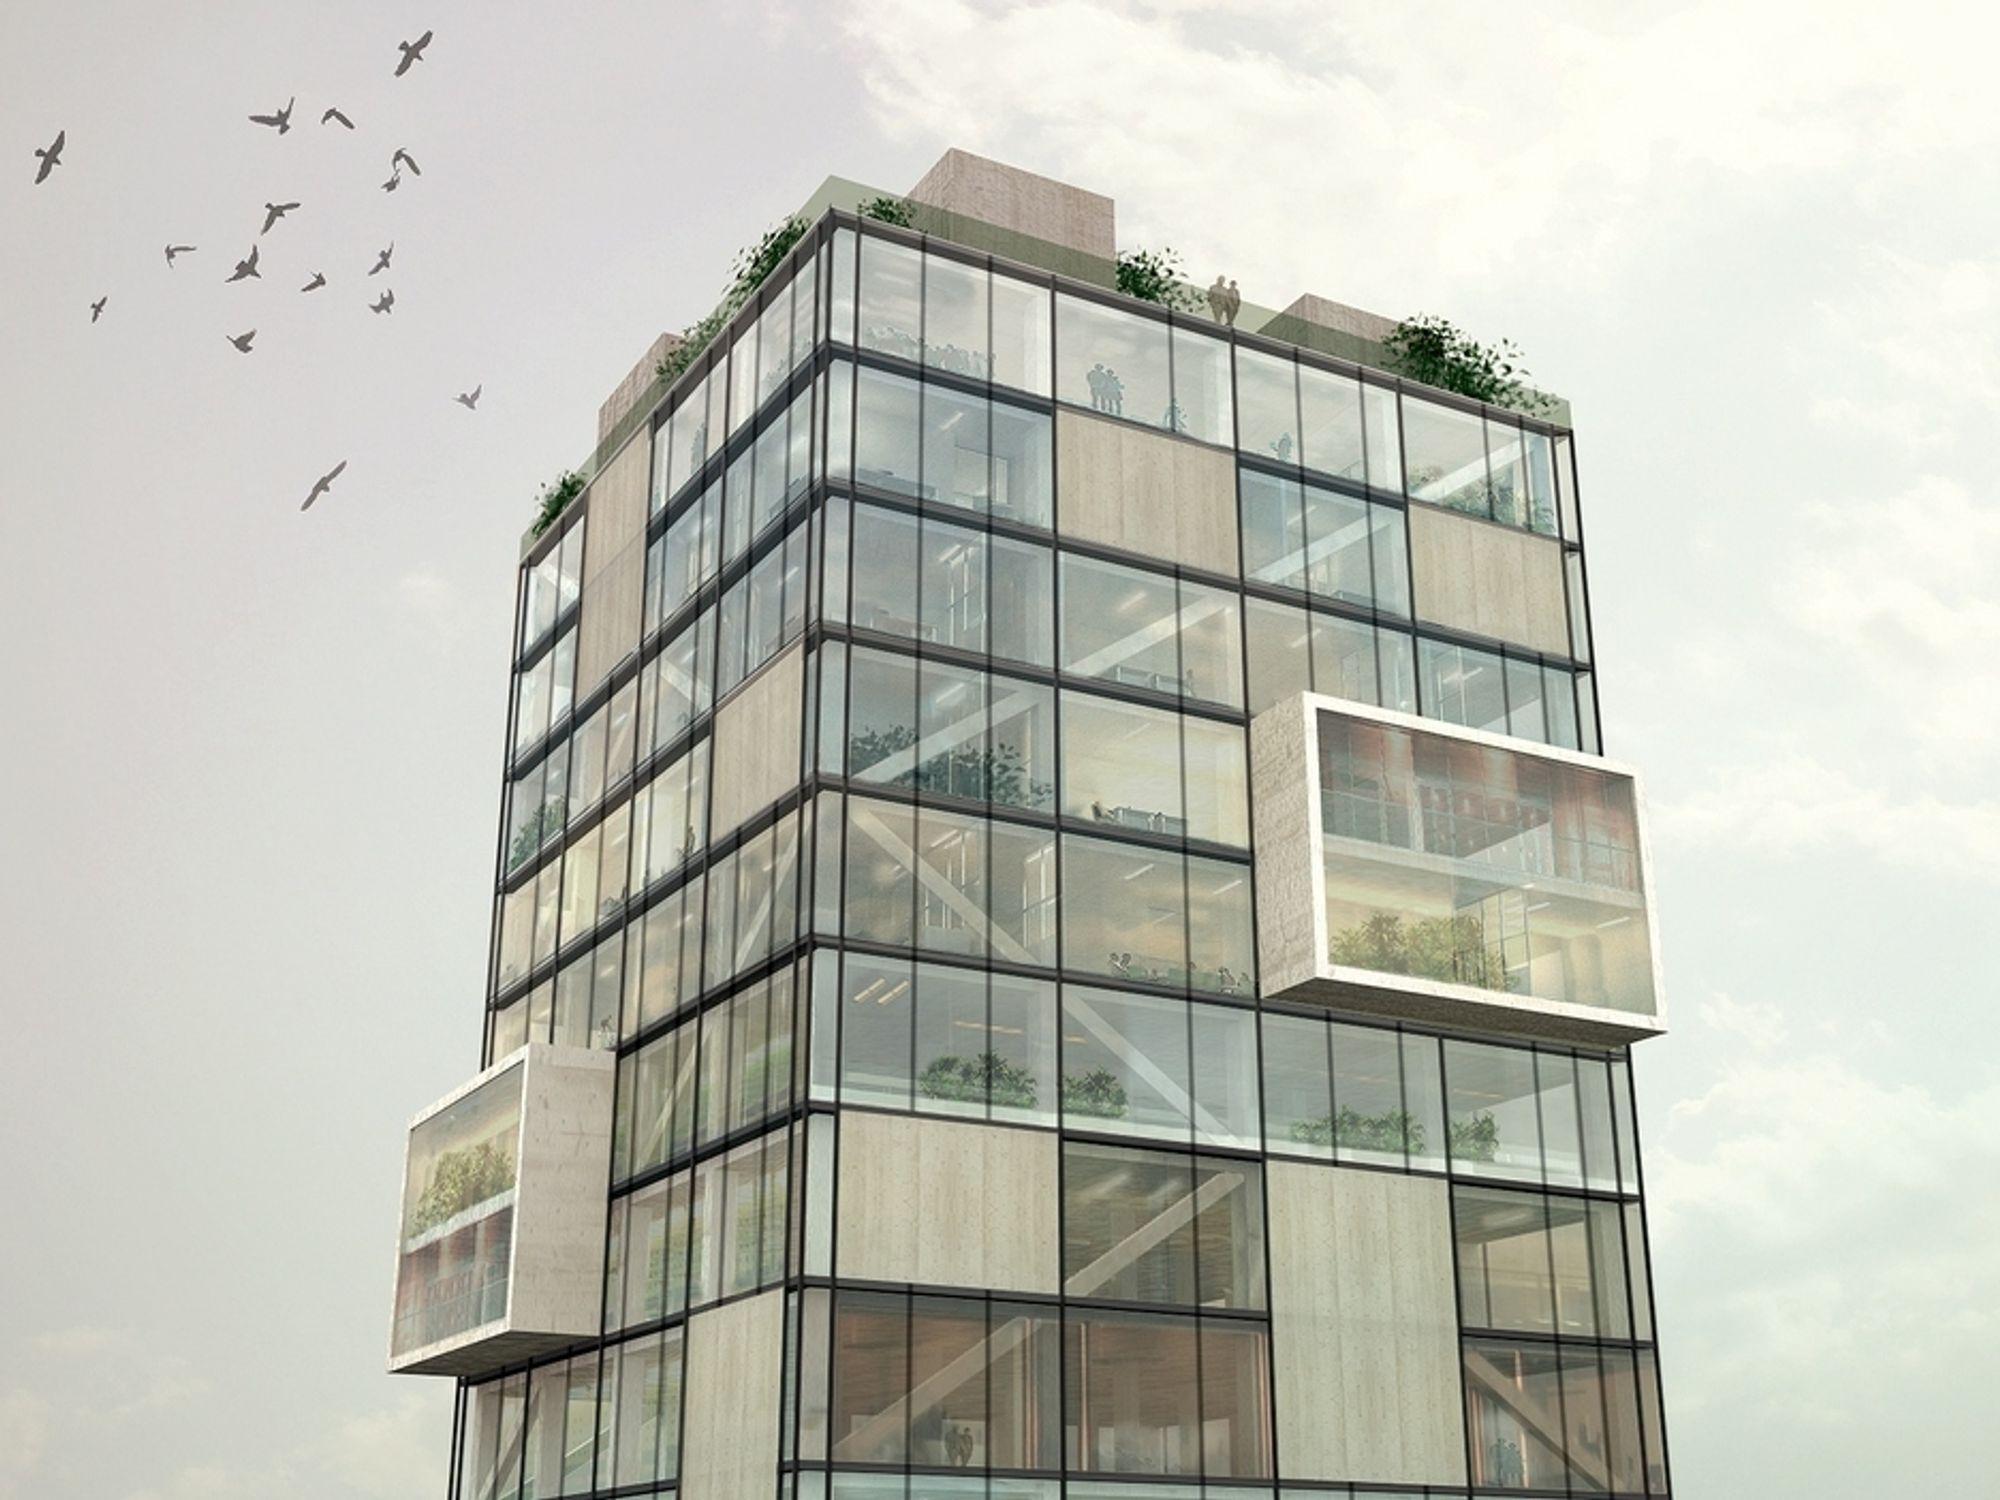 VERDENS HØYESTE: Denne animasjonen viser hvordan verdens høyeste trebygg vil arte seg, med en kombinasjon av glass og massivtre i fasadene.